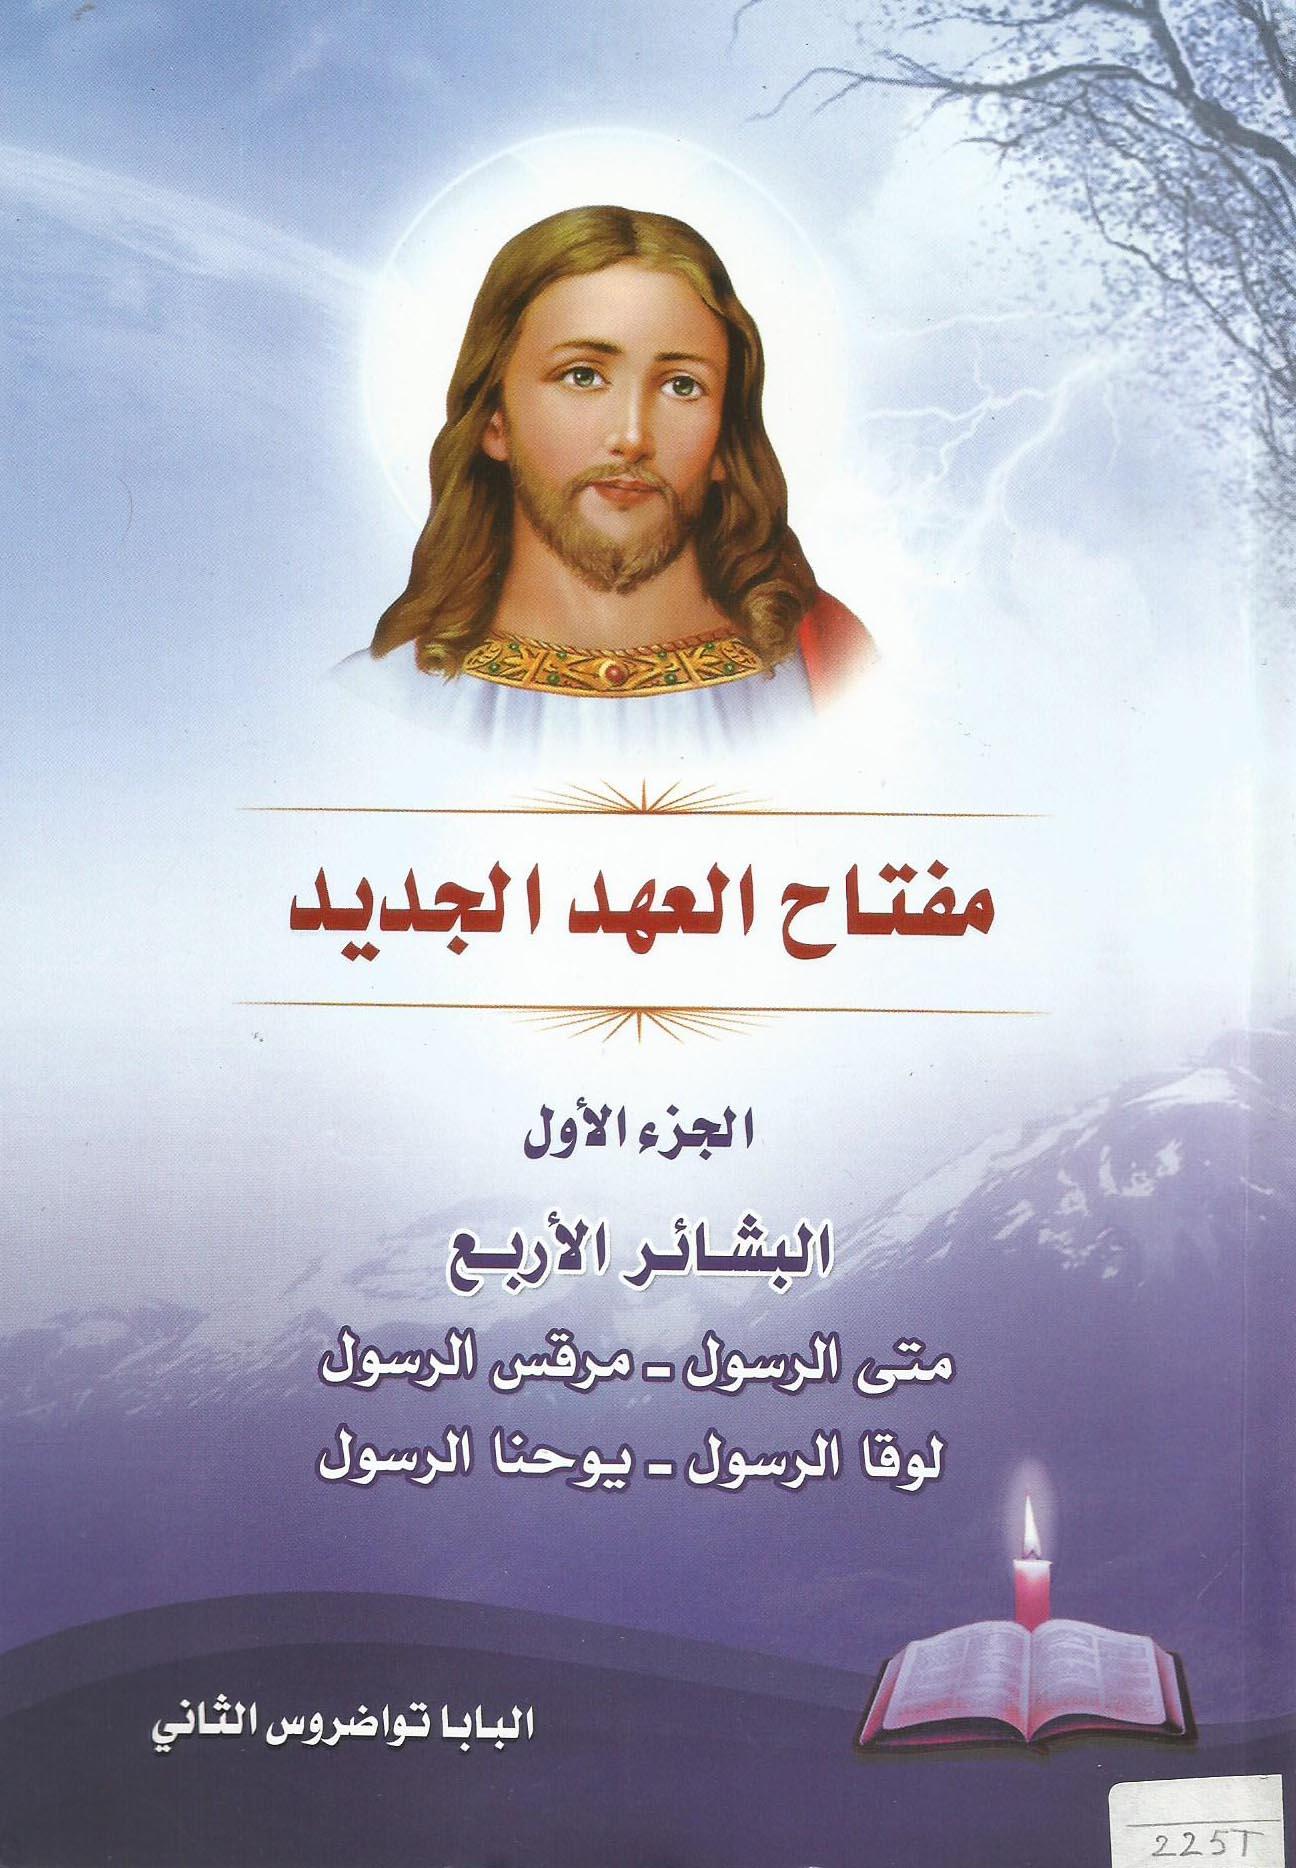 مفتاح العهد الجديد ج 1